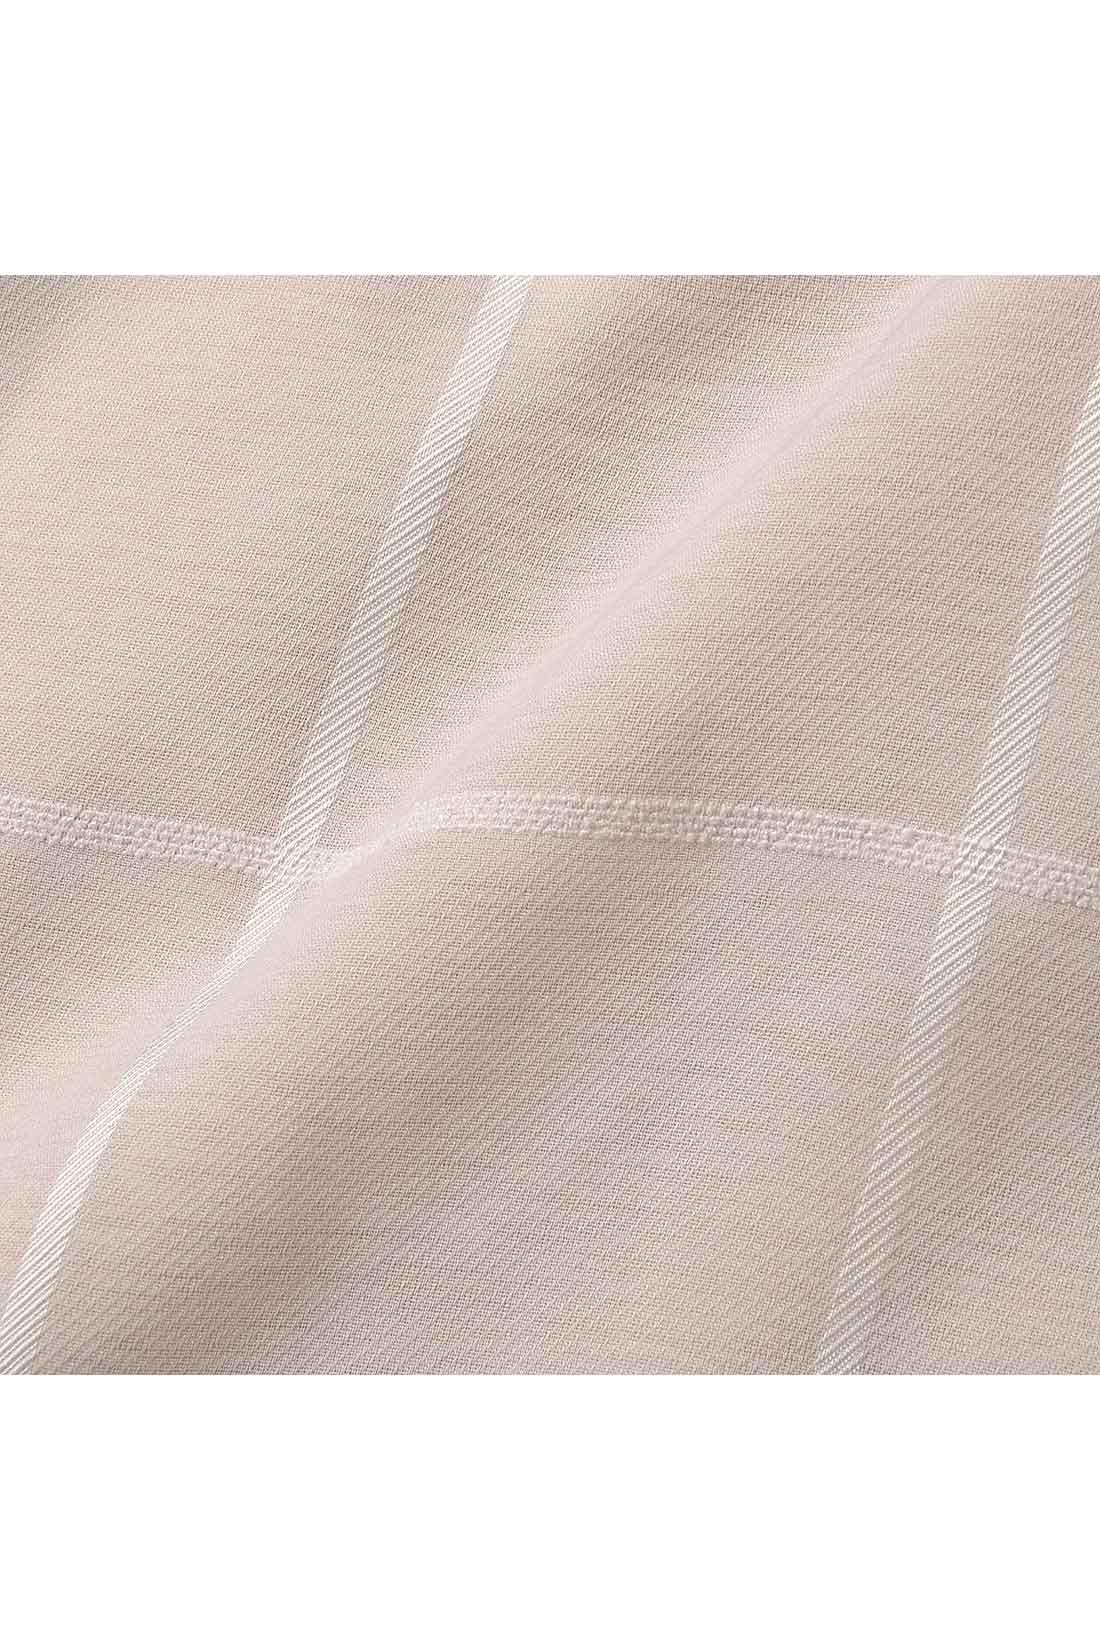 〈ワンピース〉ウインドウペンチェックの織り柄と、ほのかな透け感が上品で軽やか。